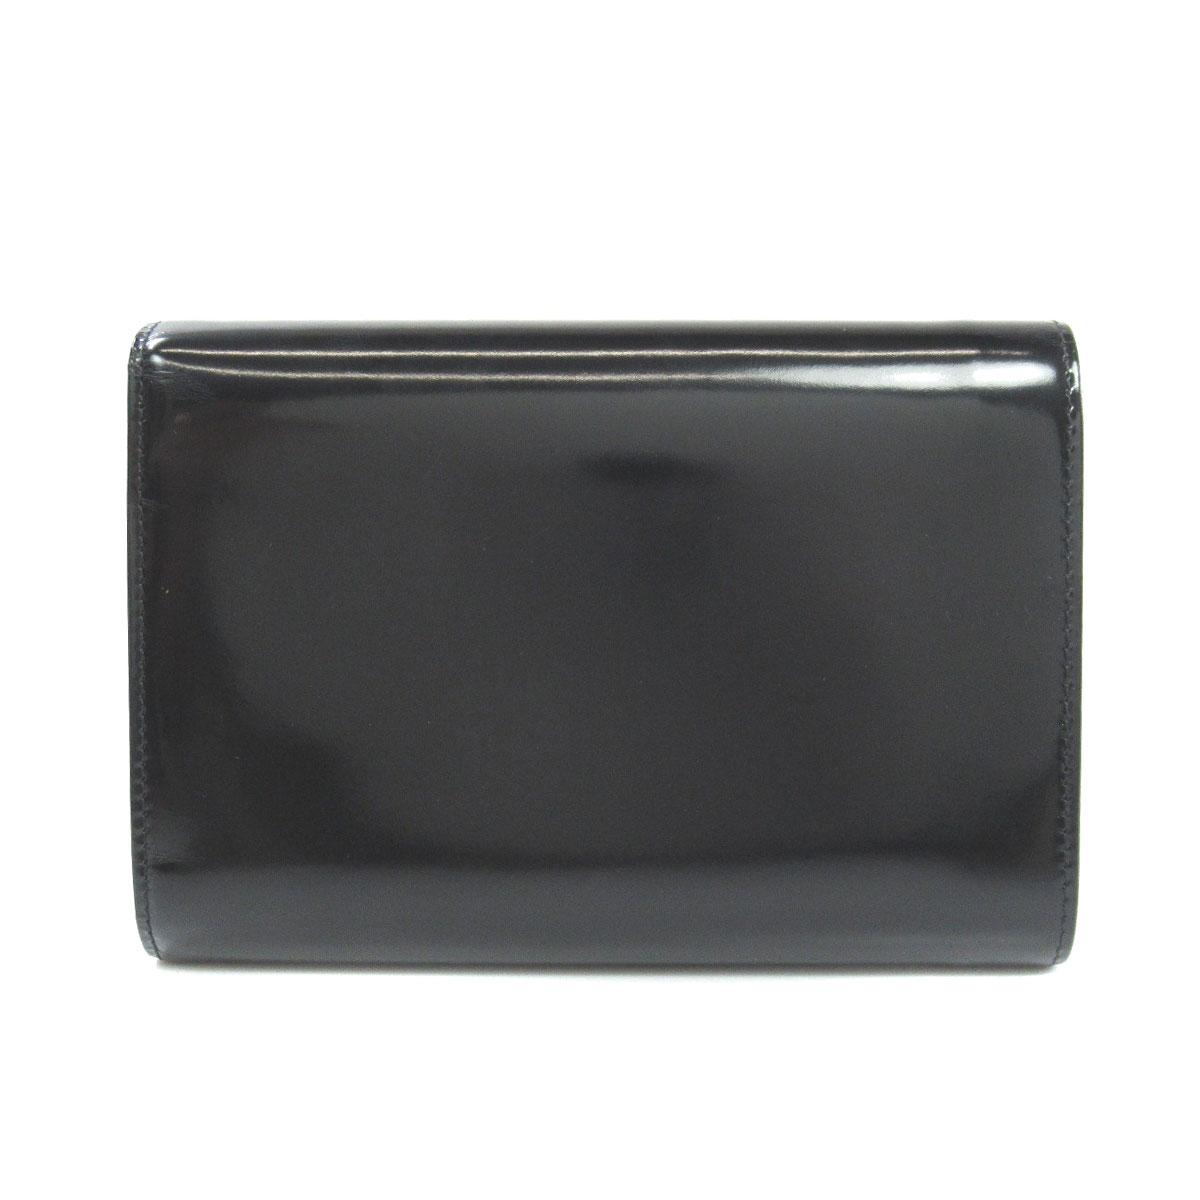 b3281b441e99 ... プラダ ロゴタイプ 二つ折り財布(小銭入れあり) パテントレザー レディース ...